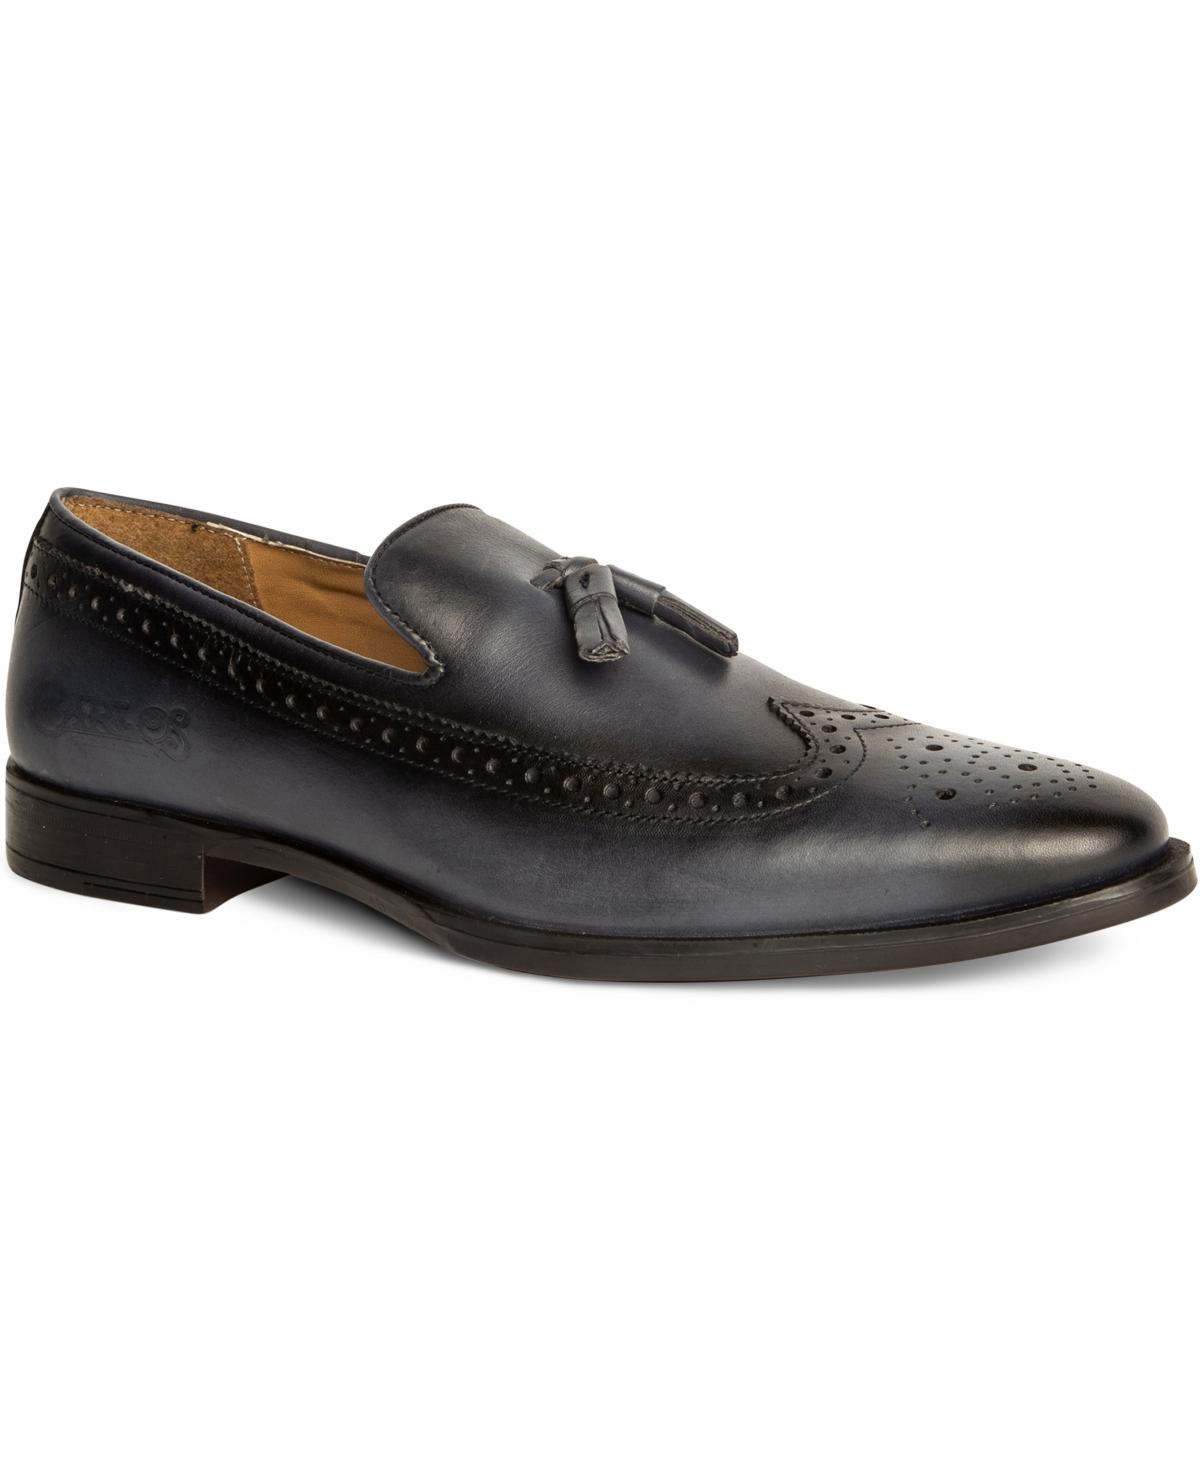 Men's Sanders Tassel Slip-On Loafer Men's Shoes